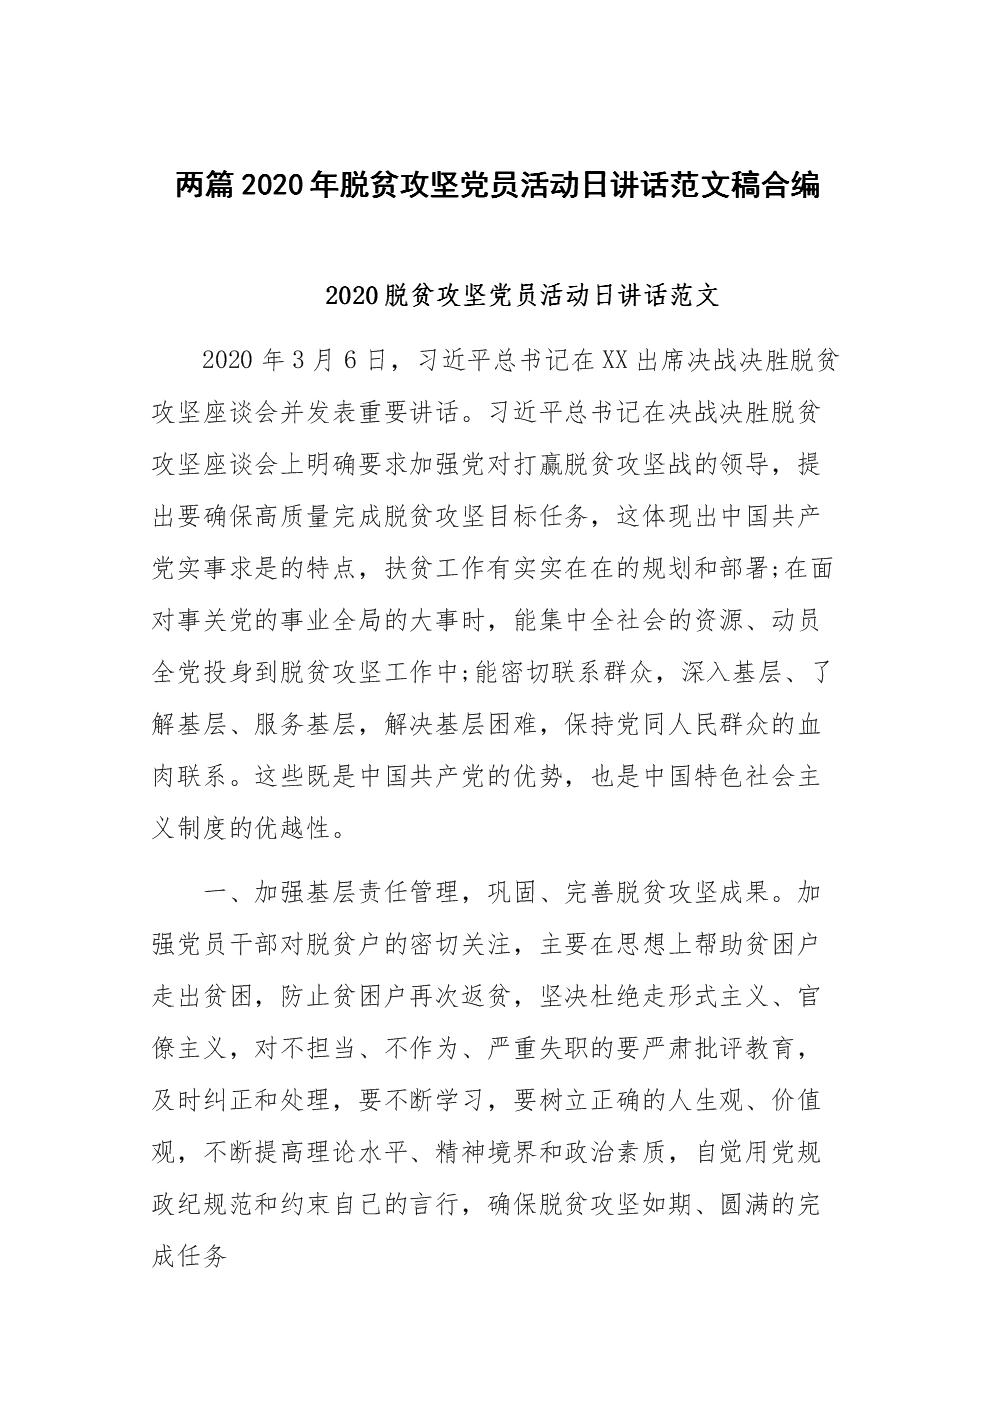 两篇2020年脱贫攻坚党员活动日讲话范文稿合编.docx